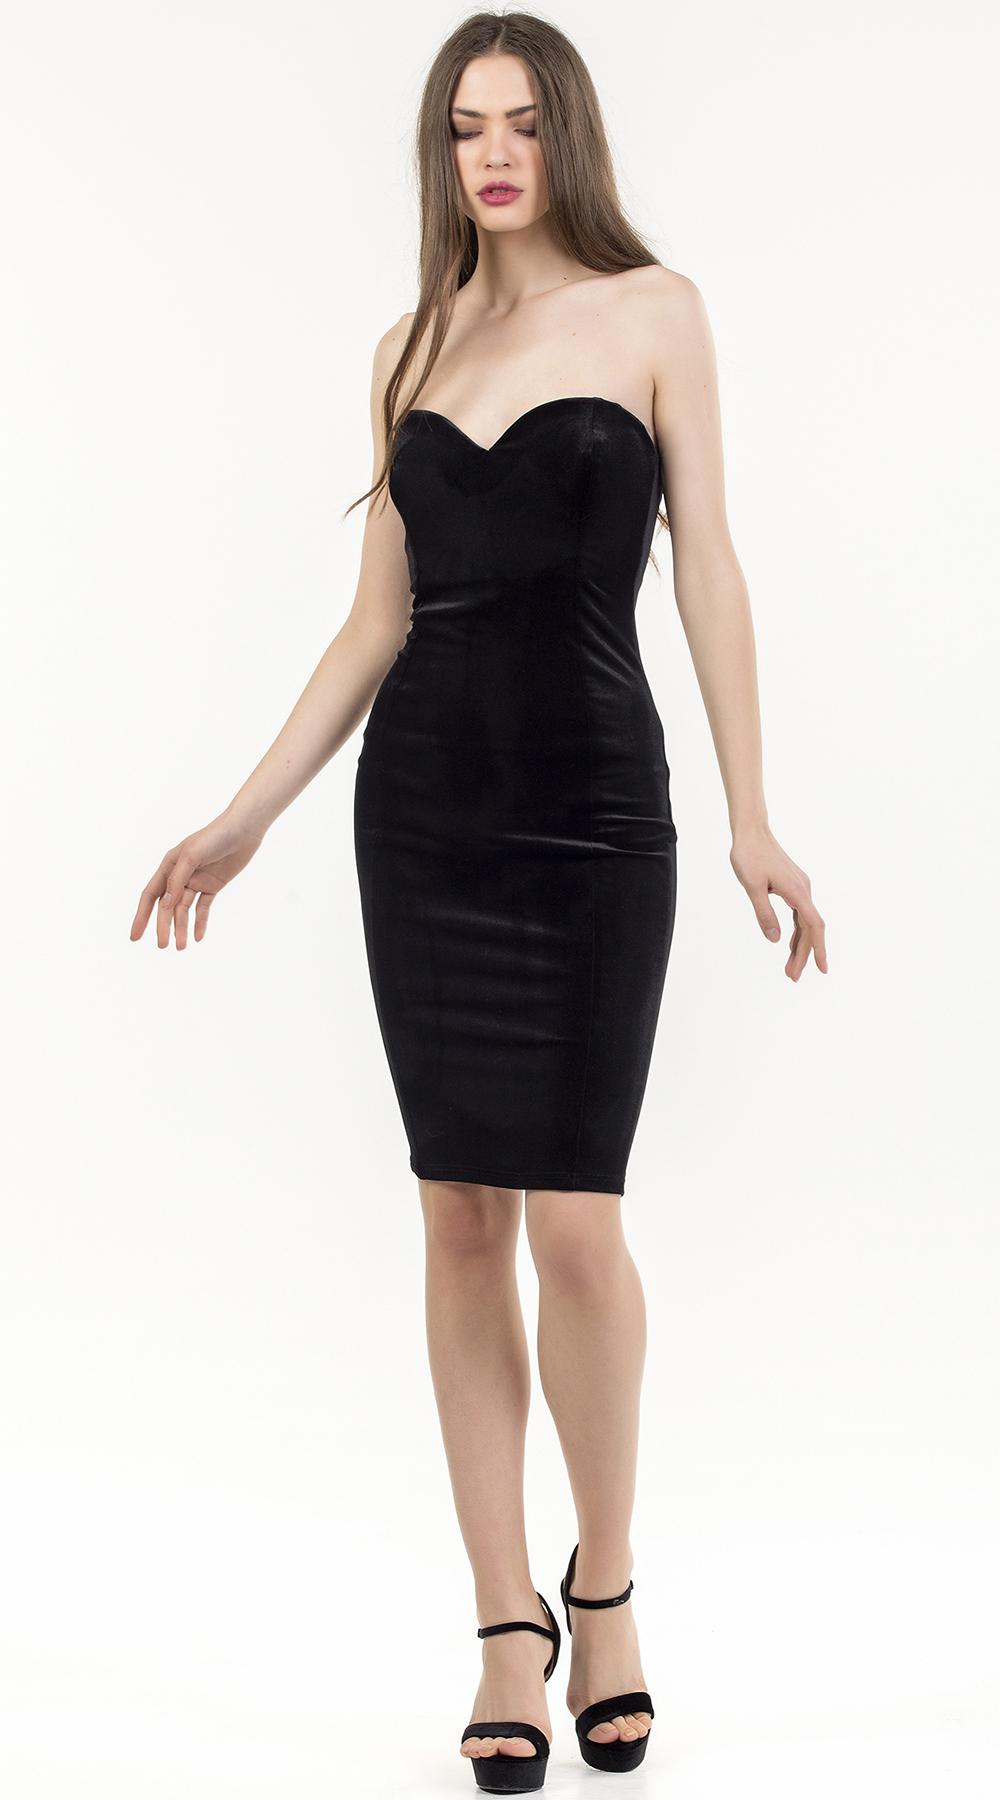 Μίντι στράπλες φόρεμα βελούδινο Online ONLINE W18ON 52524 cb736474c19